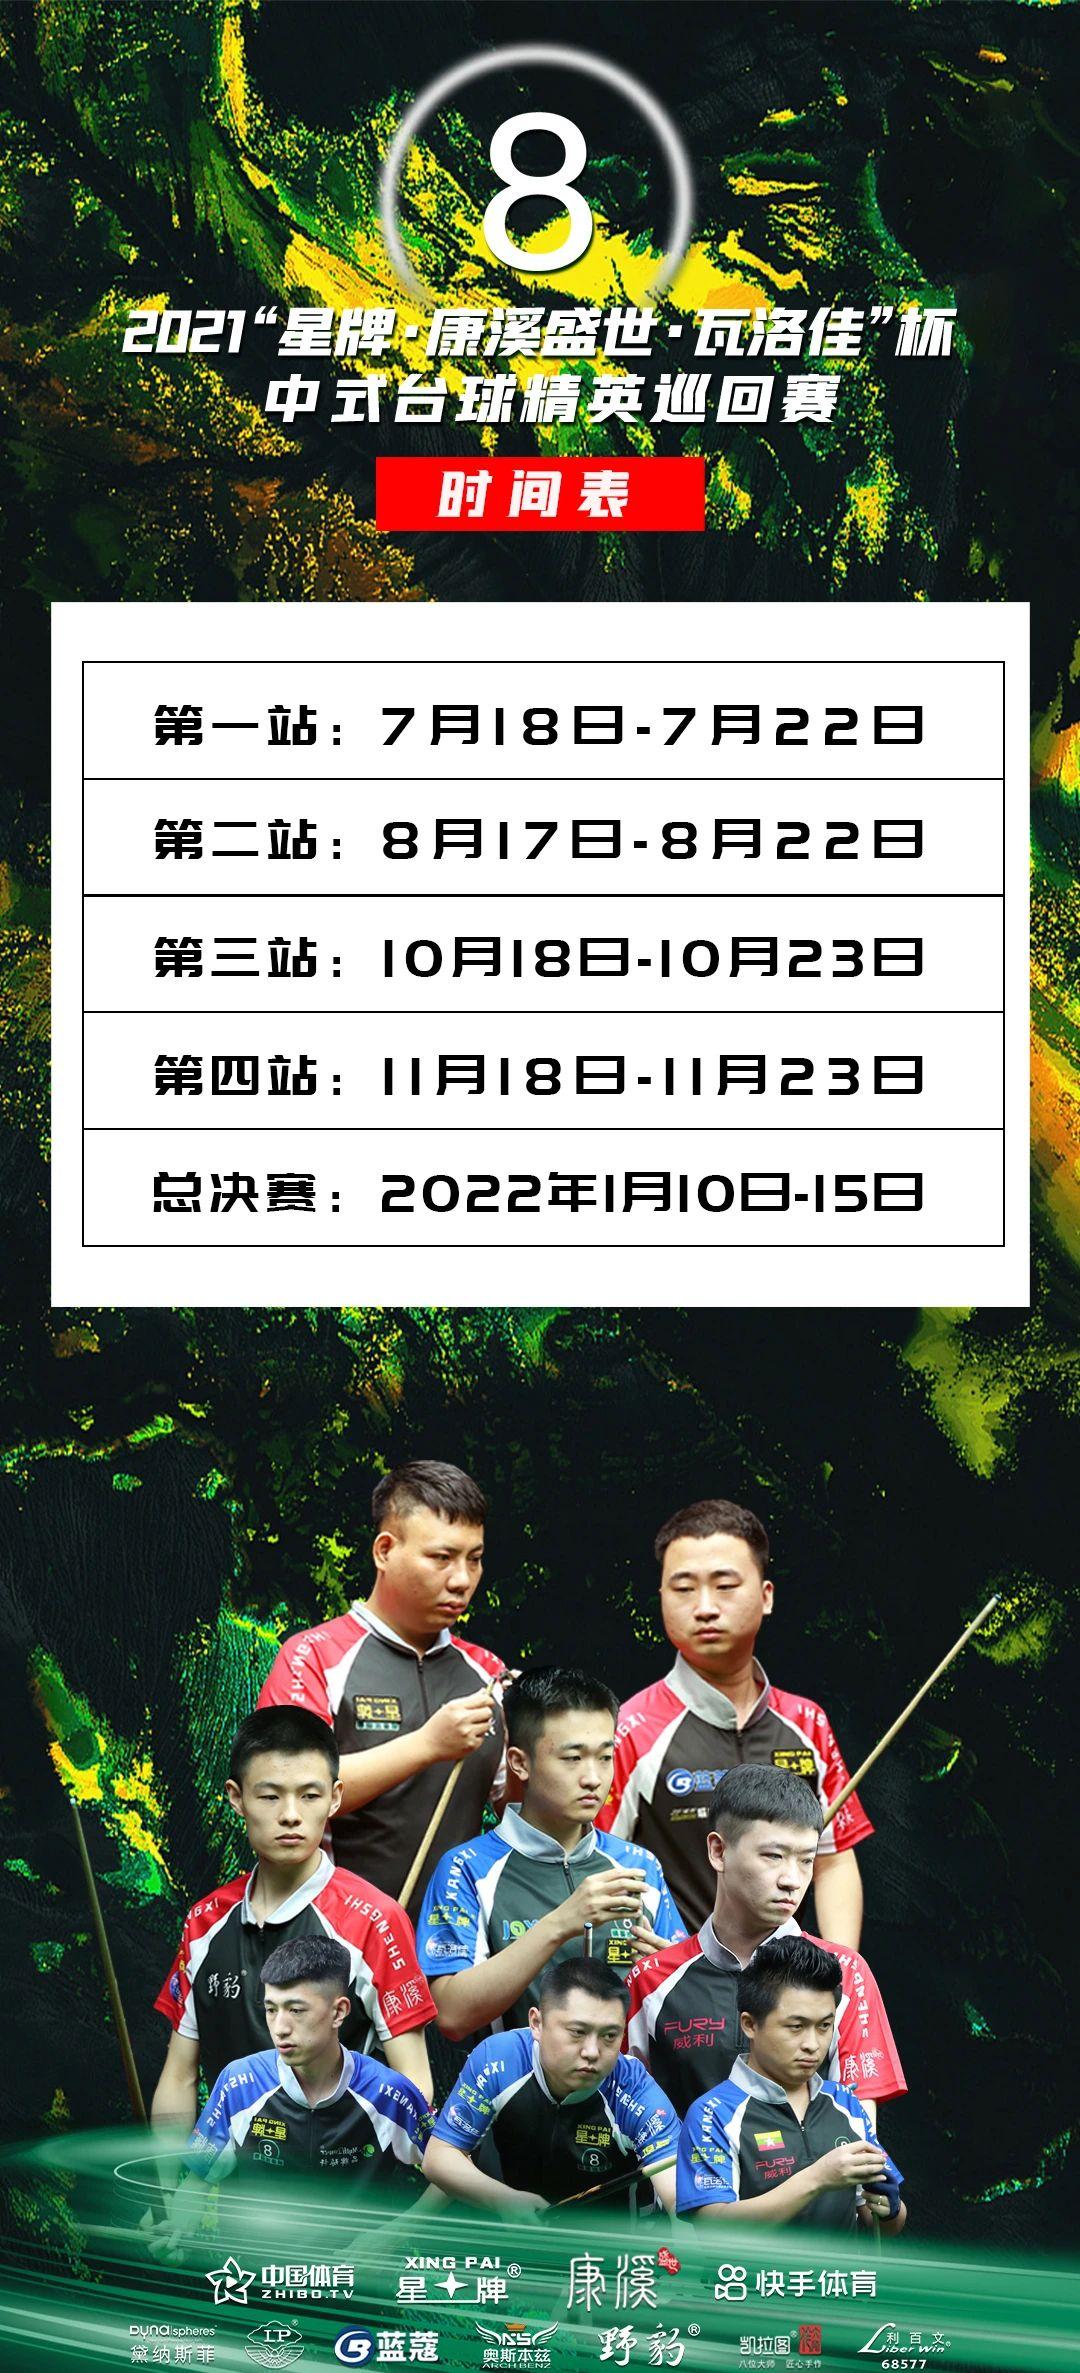 【重要】精英巡回赛、单挑赛事时间调整计划